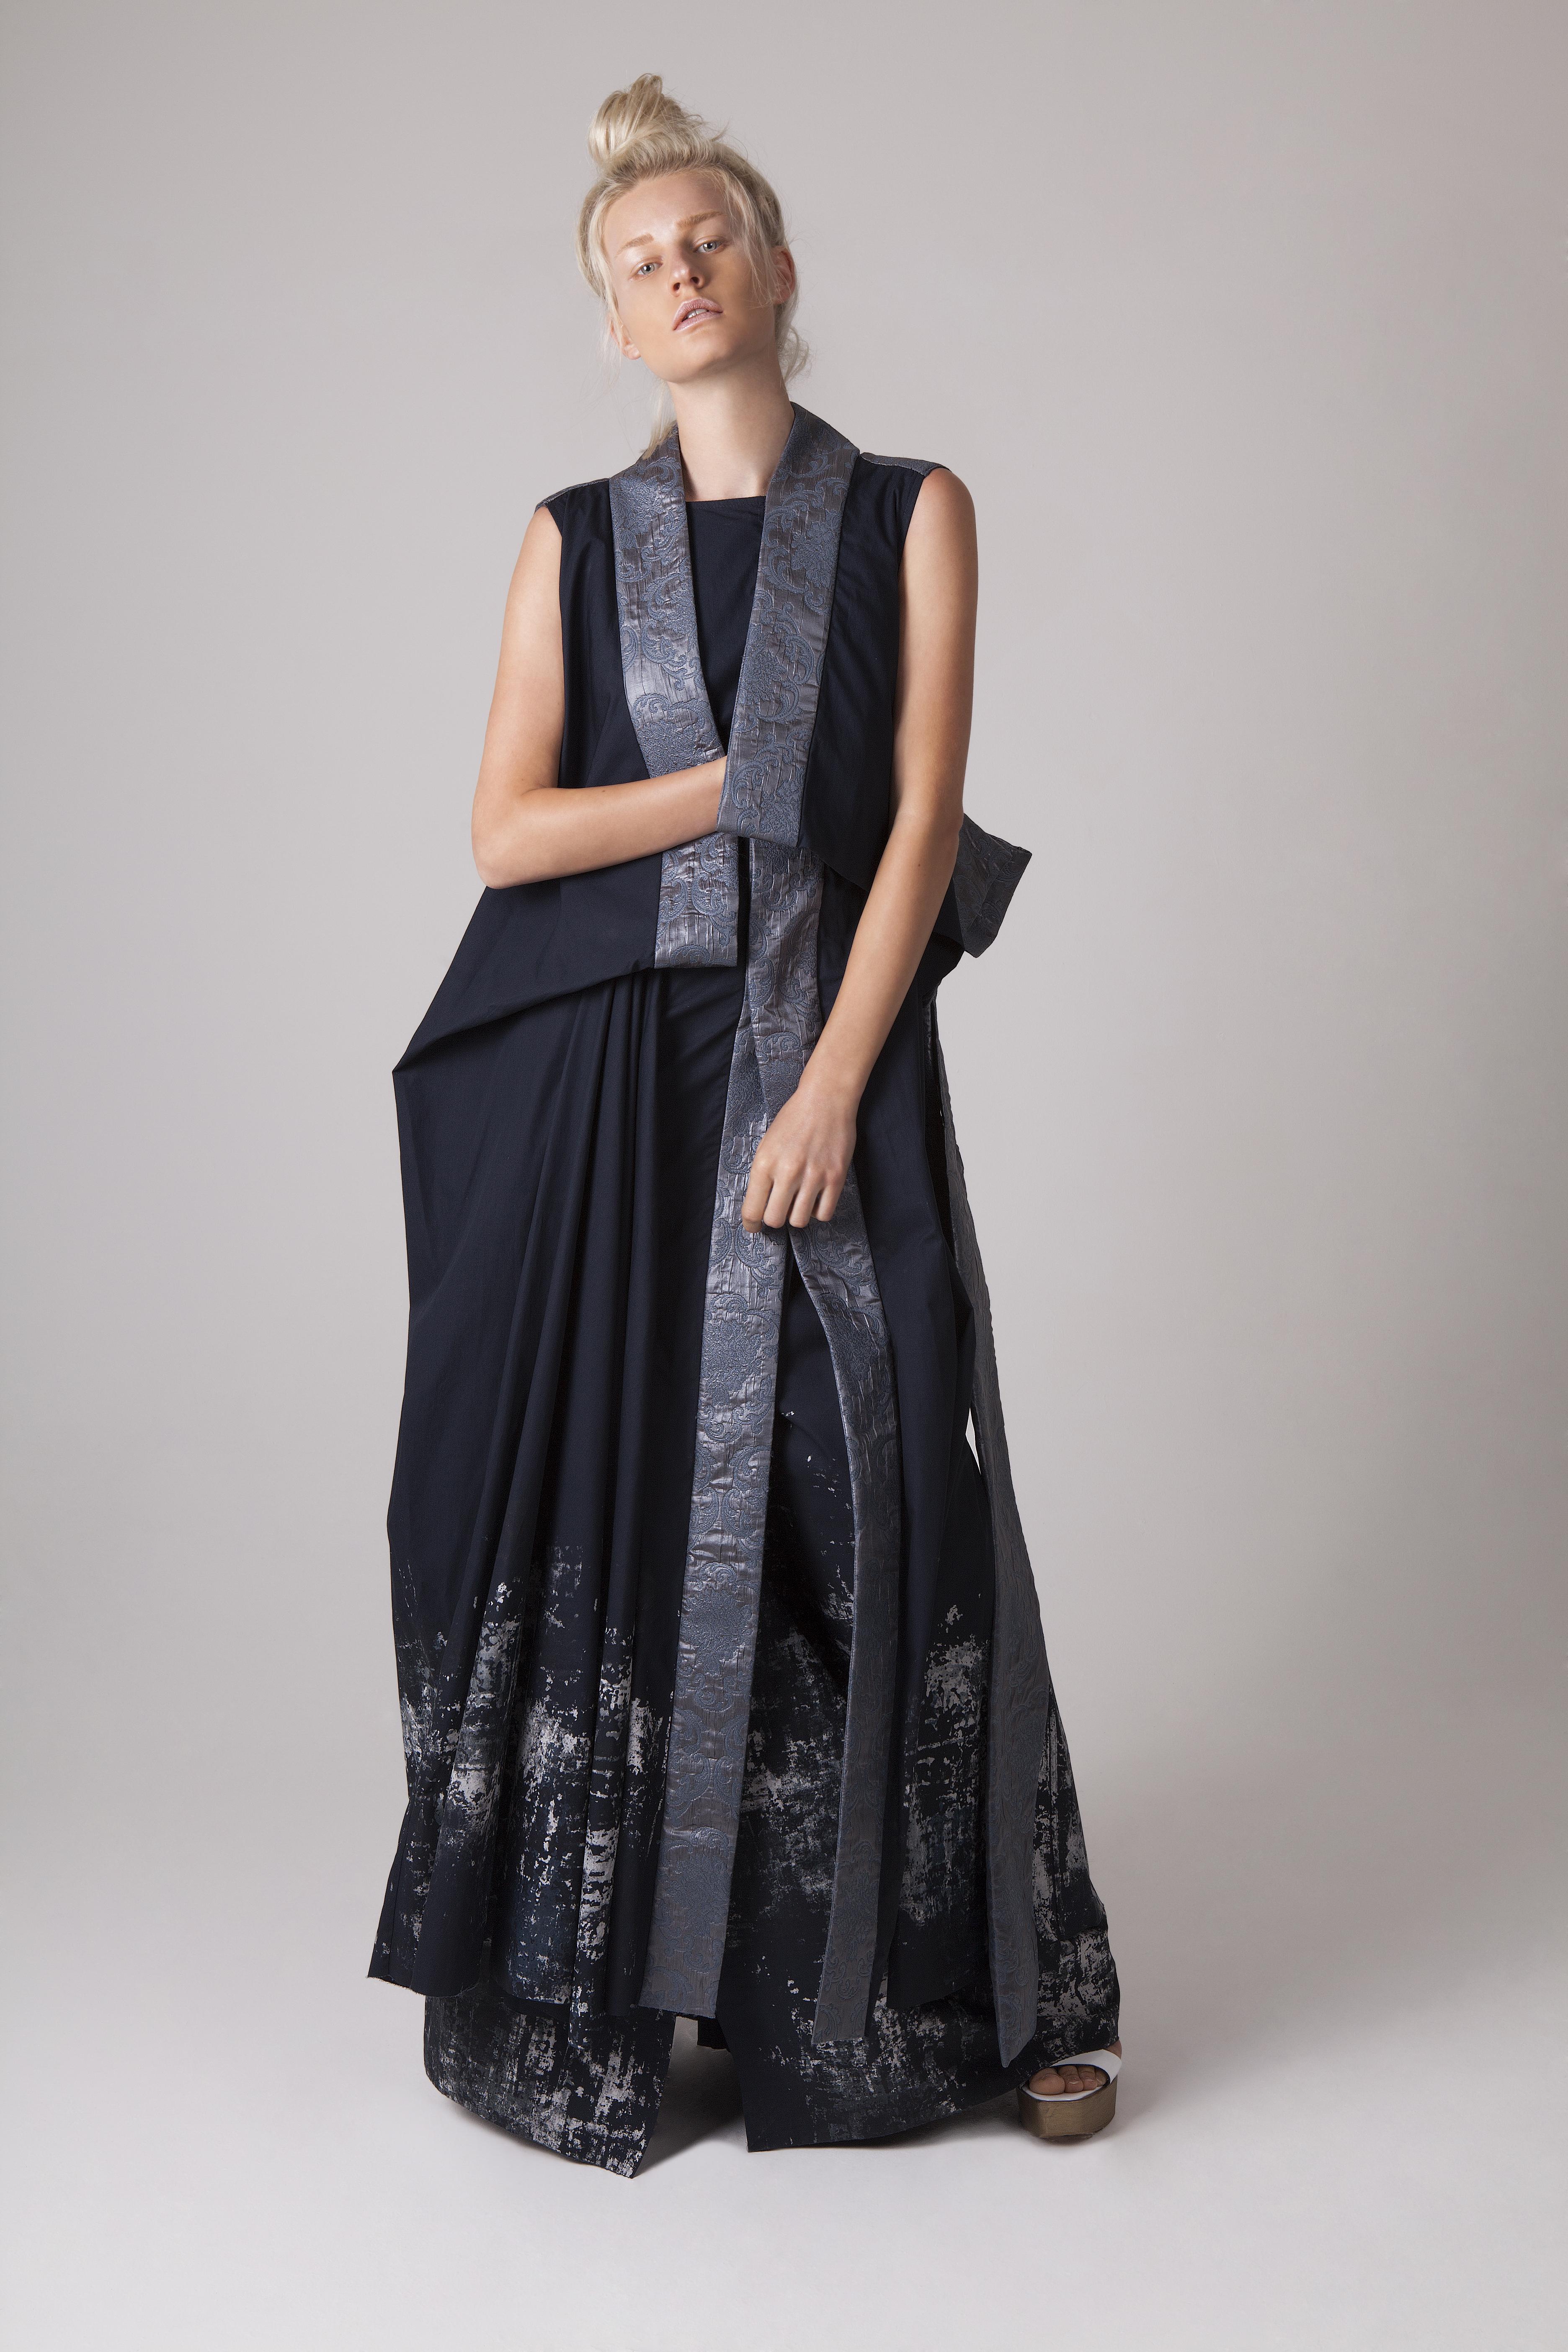 Kimono Screen Print Dress